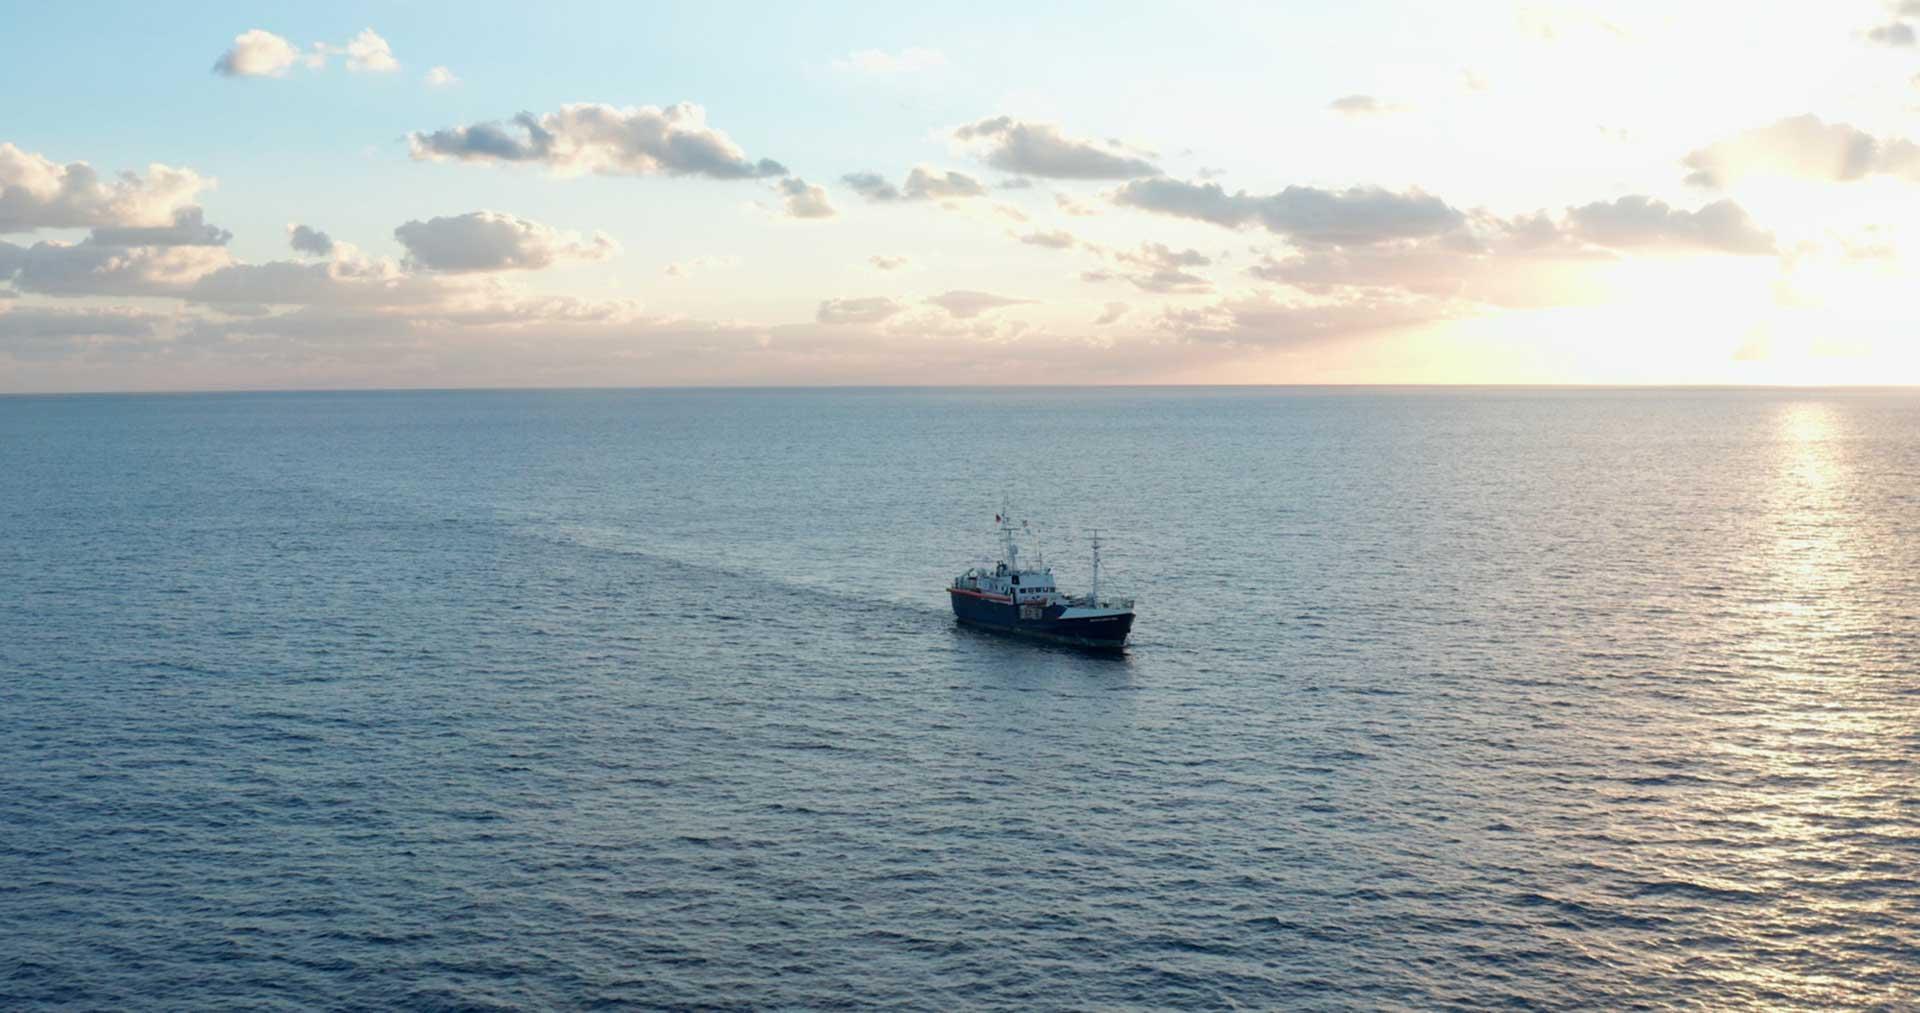 Seenotrettungsschiff von Sea Eye fährt im Sonnenuntergang auf dem Mittelmeer